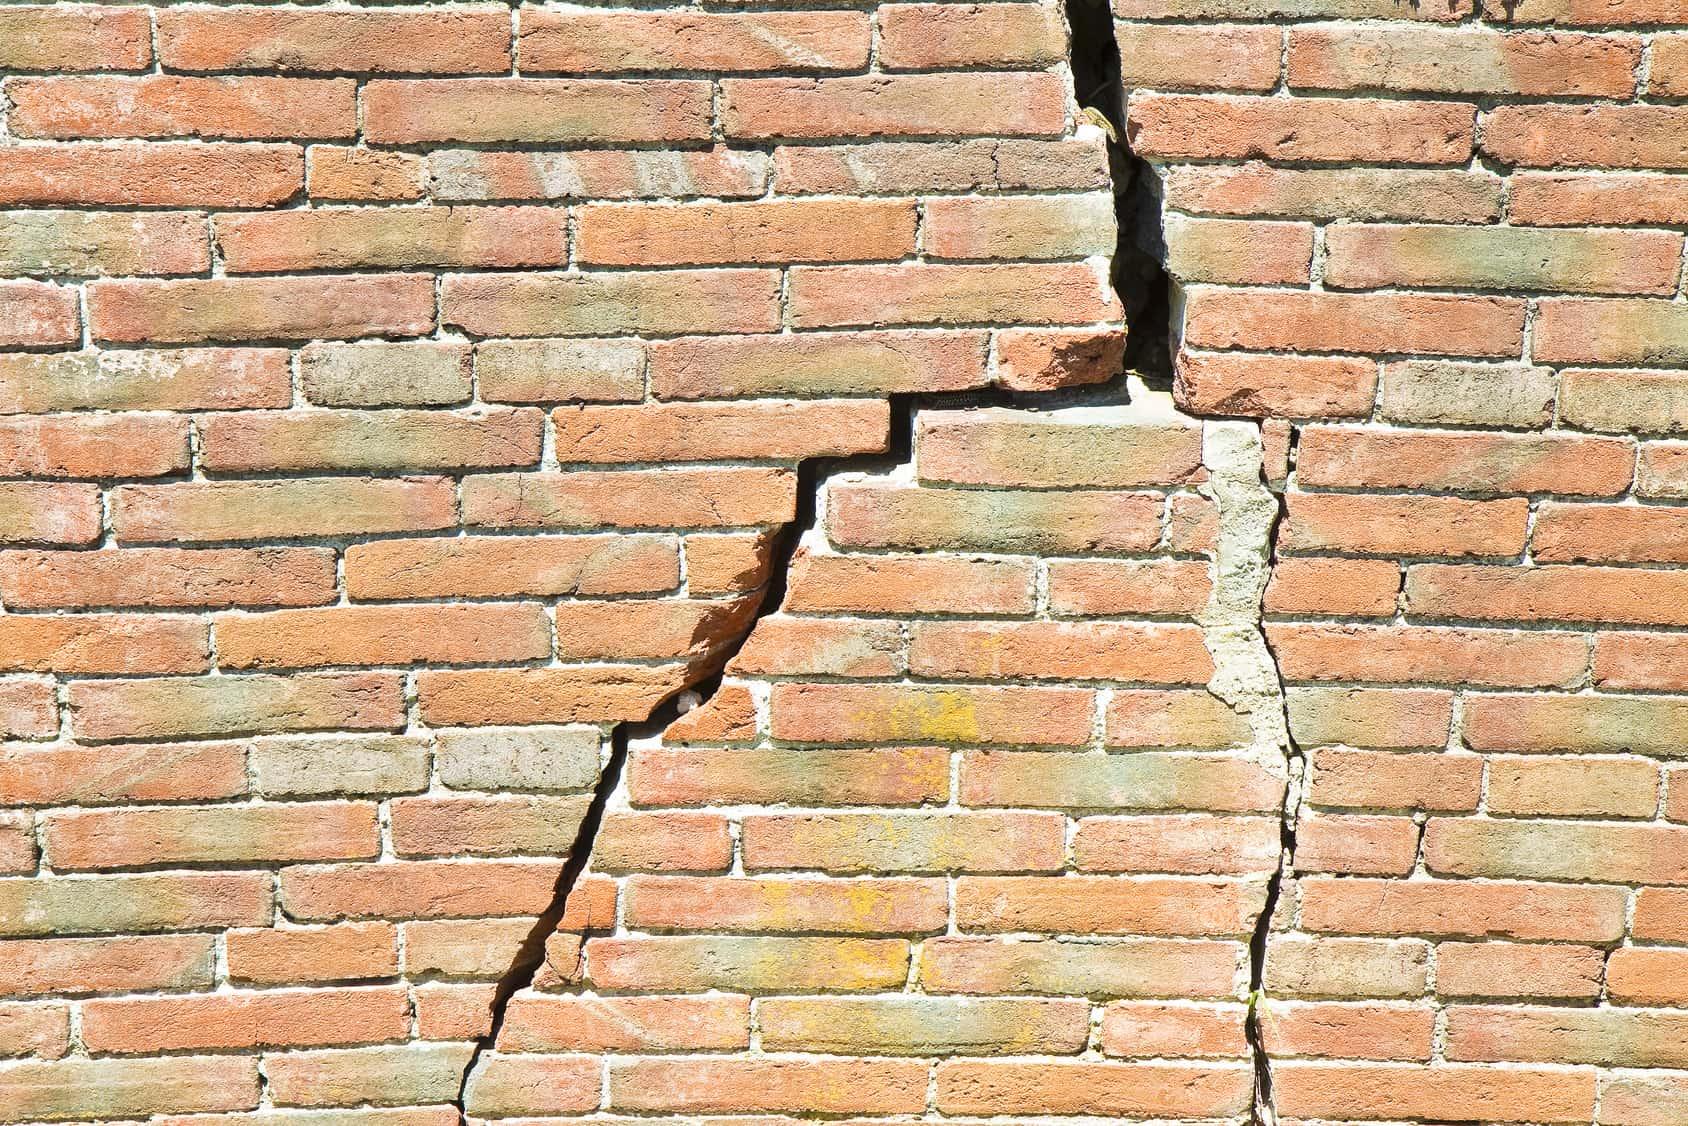 Mucho se ha hablado sobre la participación de los Millennials en las labores de rescate durante y después de los sismos del 7 y 19 de septiembre.